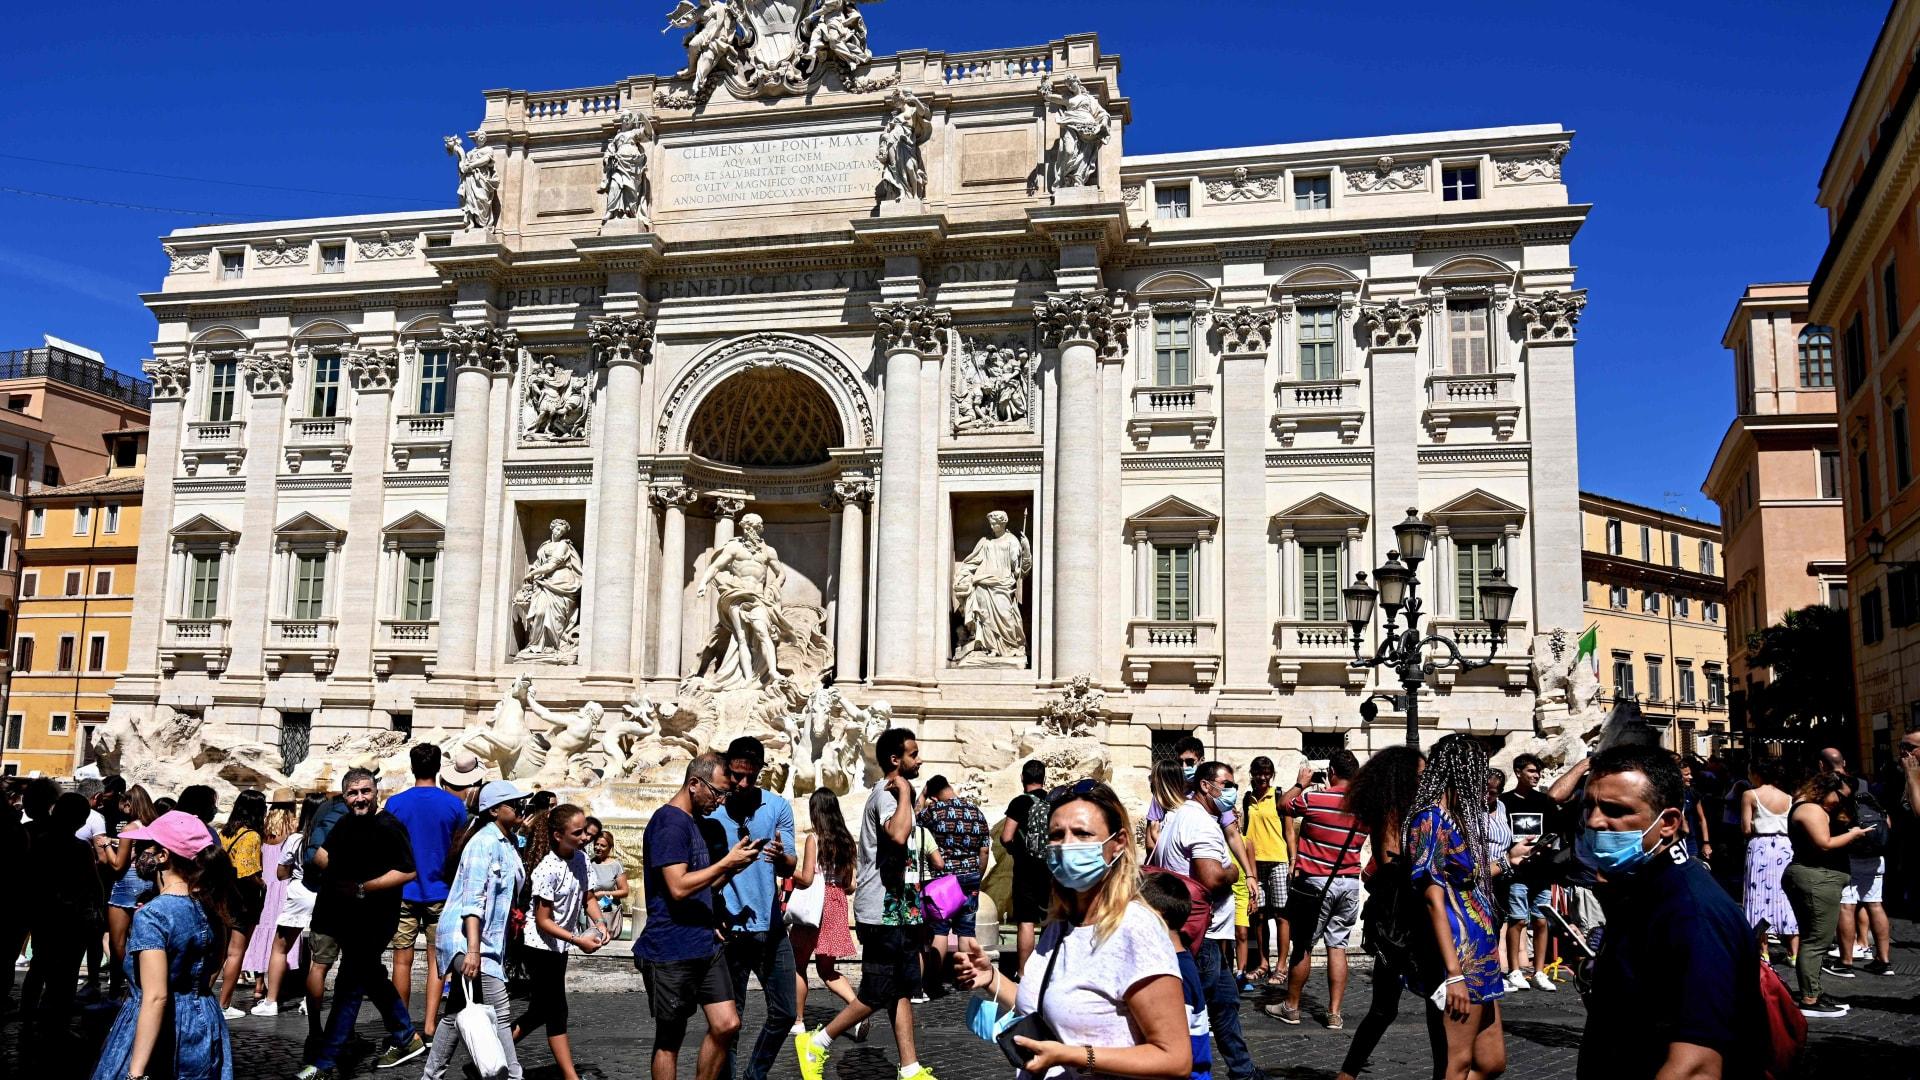 كيف تحولت الكمامات إلى موضة عصرية ومعيار للجمال في إيطاليا؟